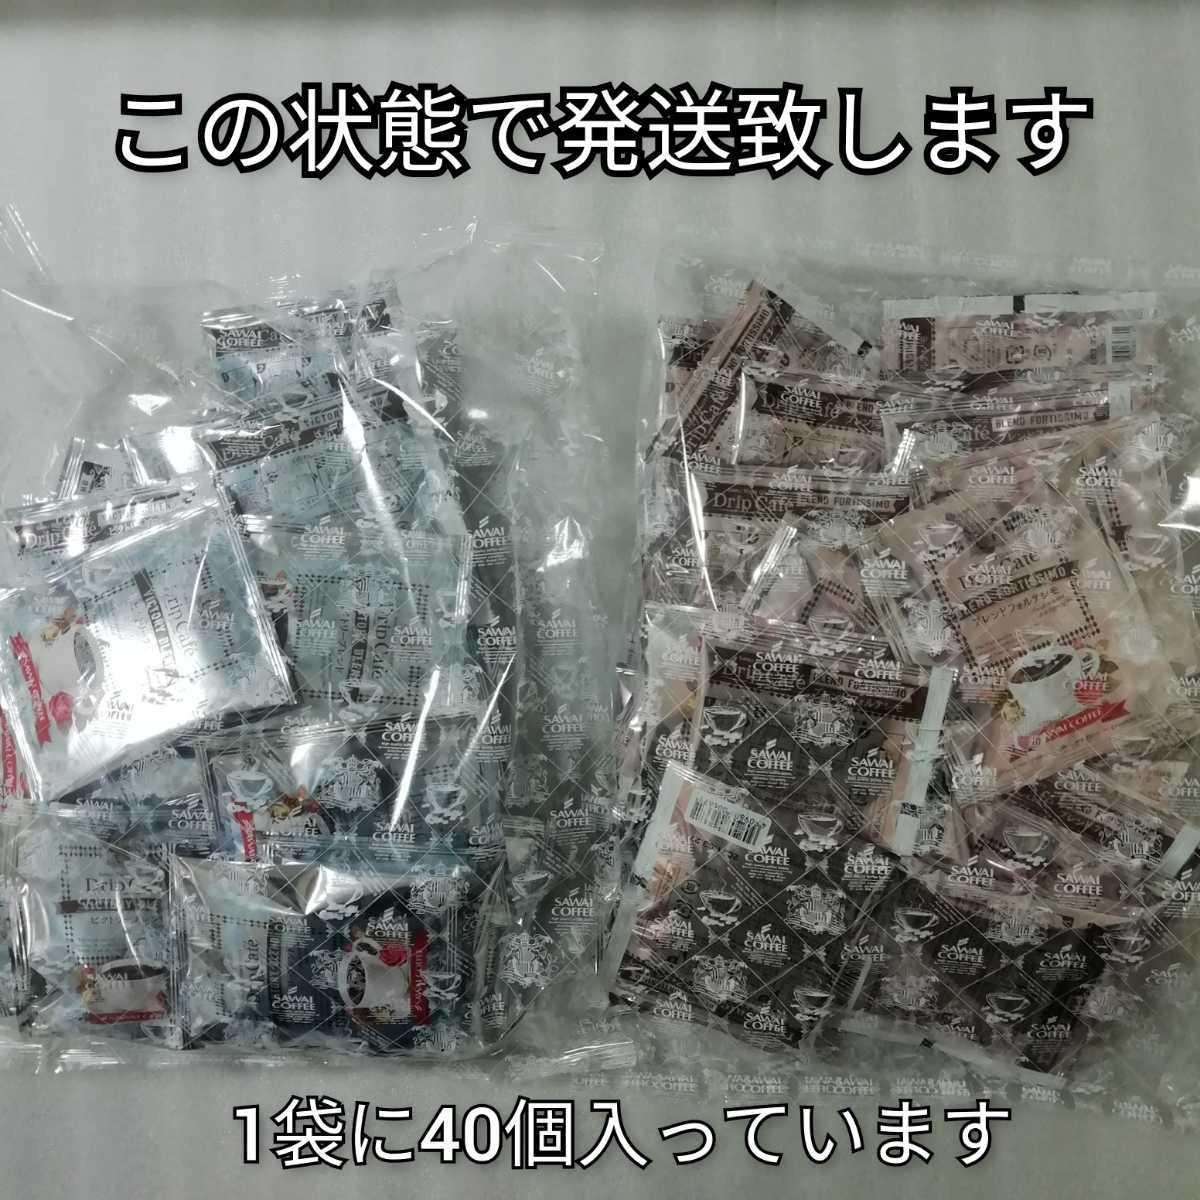 澤井珈琲 80袋 ビクトリーブレンド ブレンドフォルテシモ 各40袋 ドリップコーヒー_画像2